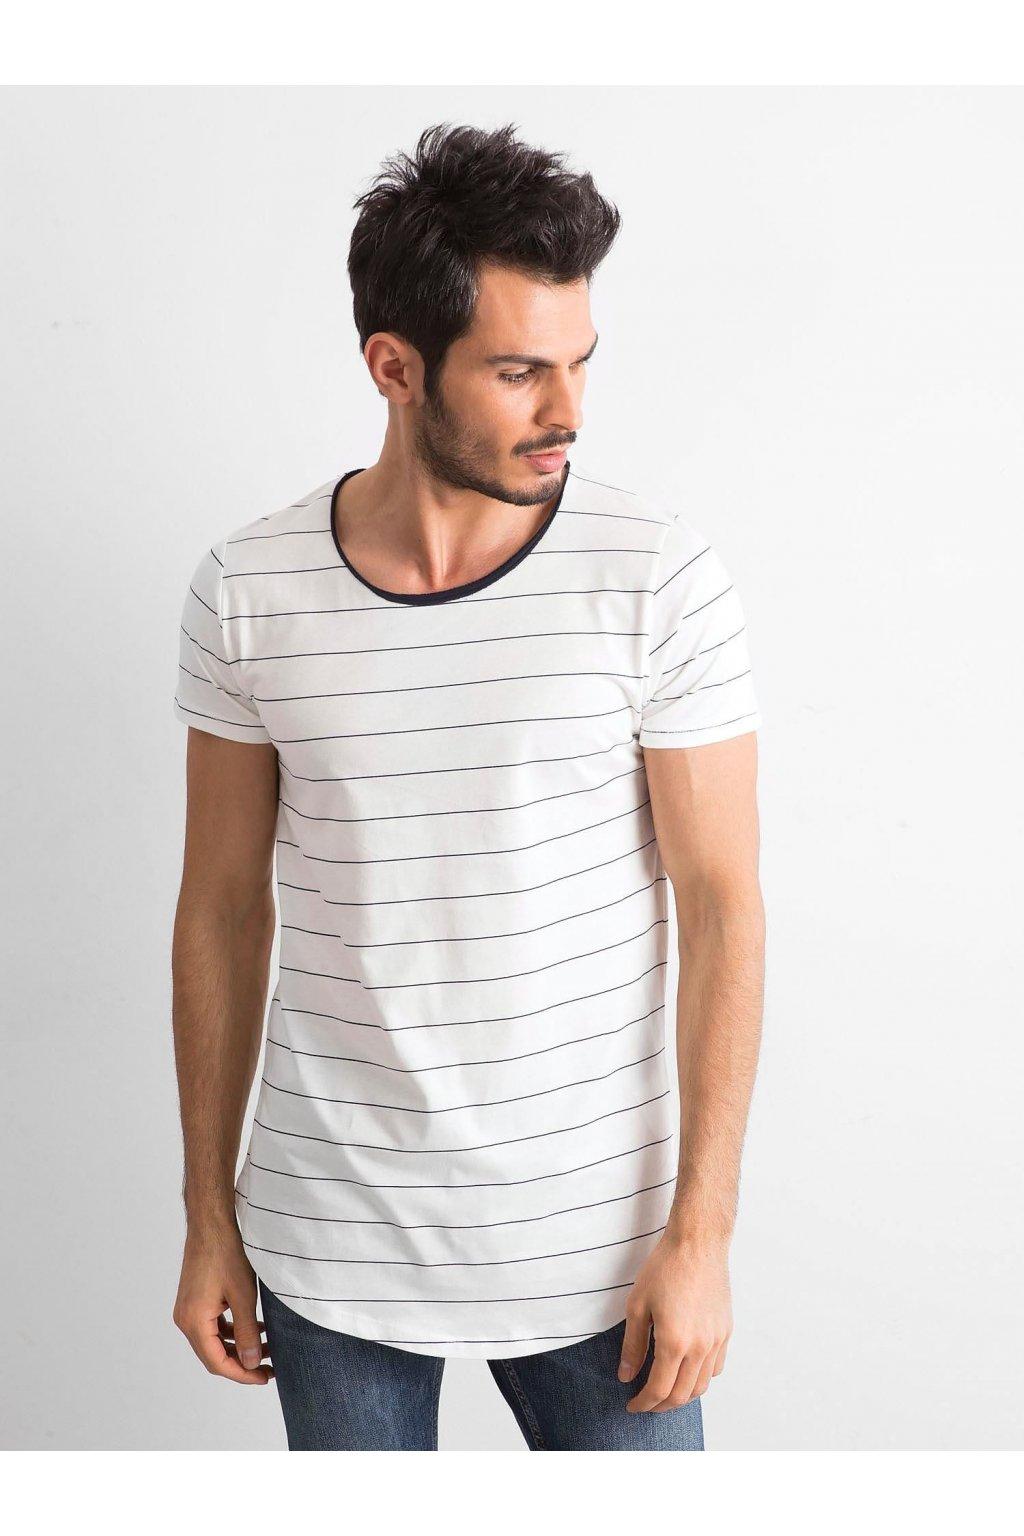 Tričko t-shirt kód M019Y03048449